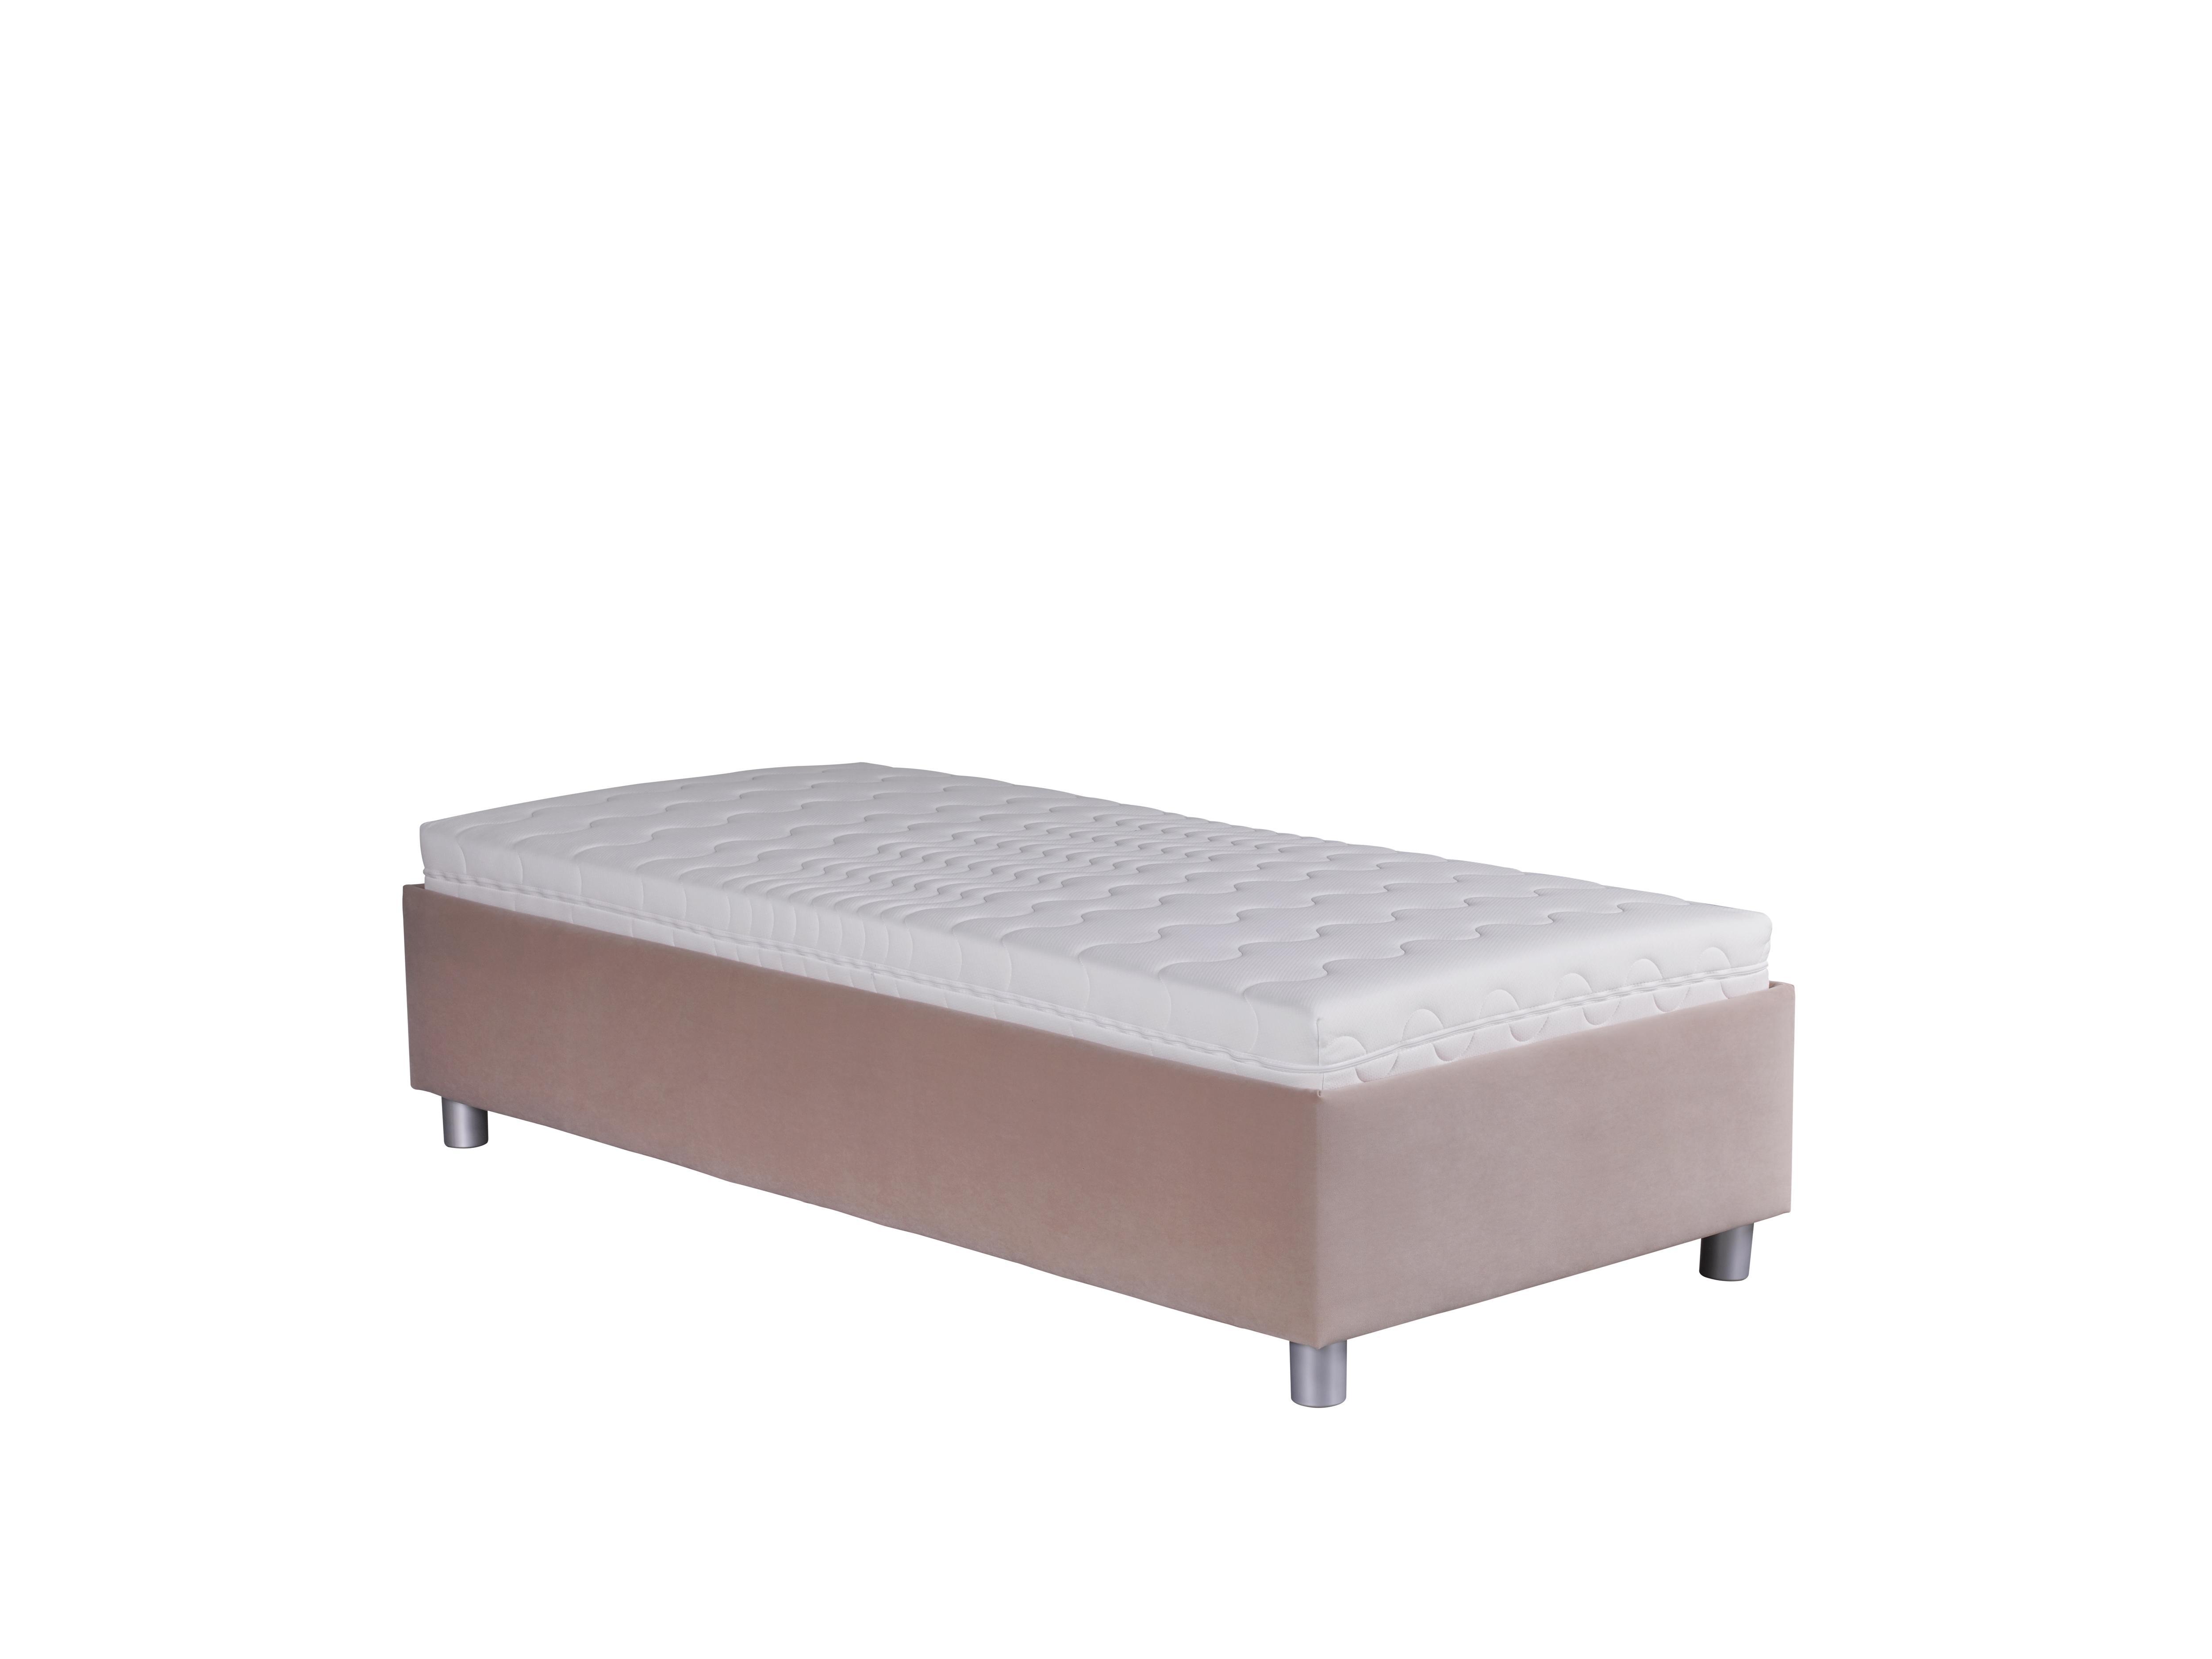 Jednolůžková postel 90 cm - Blanár - Neptun (světle hnědá) (s roštem a matrací Nelly)